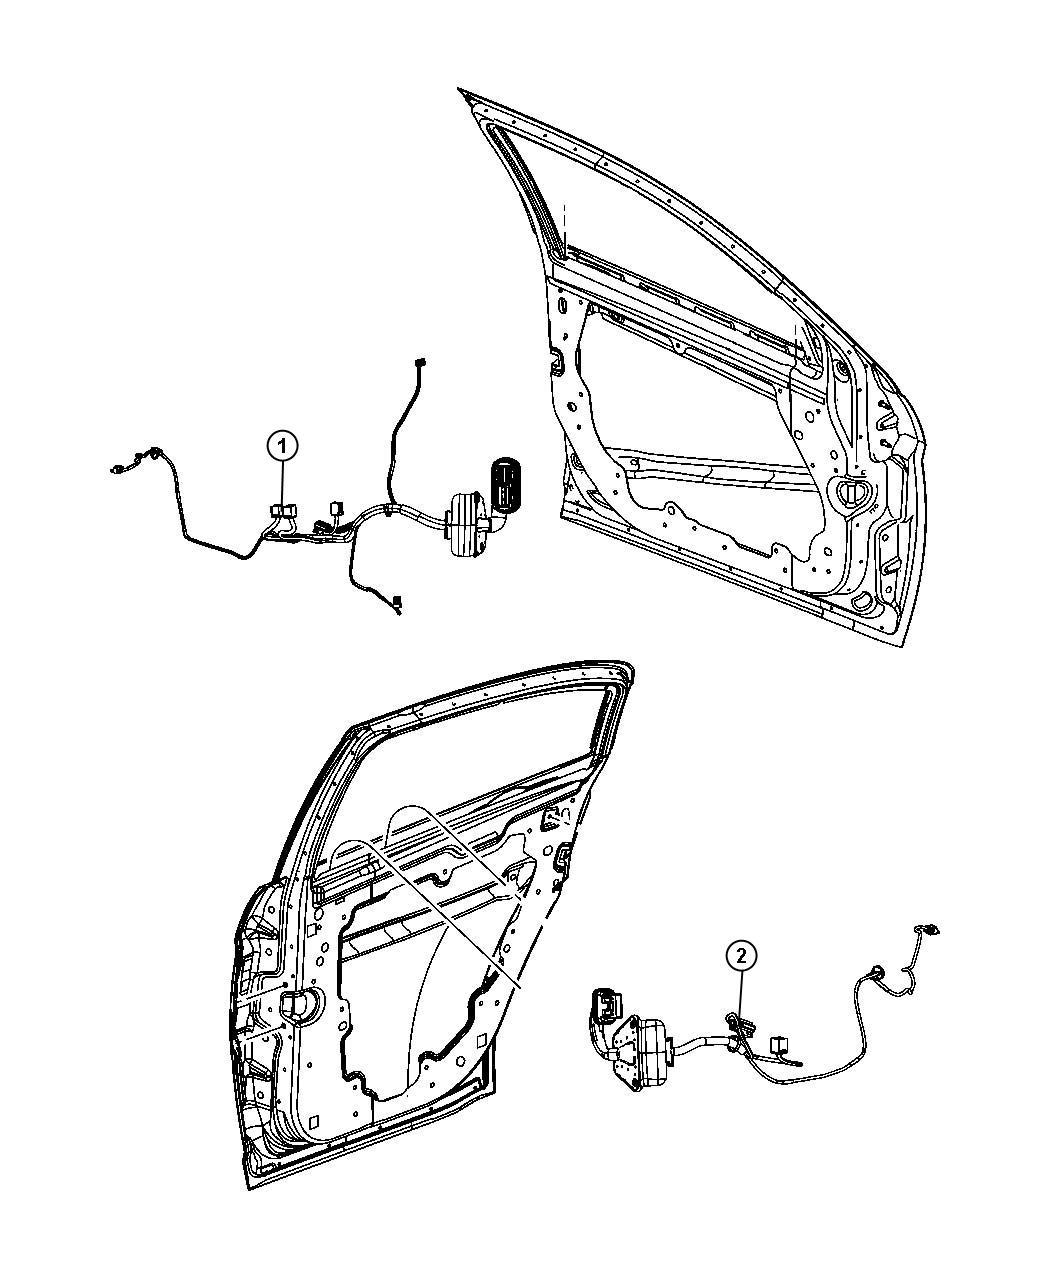 Chrysler Sebring Wiring. Front door. Left. [pwr front